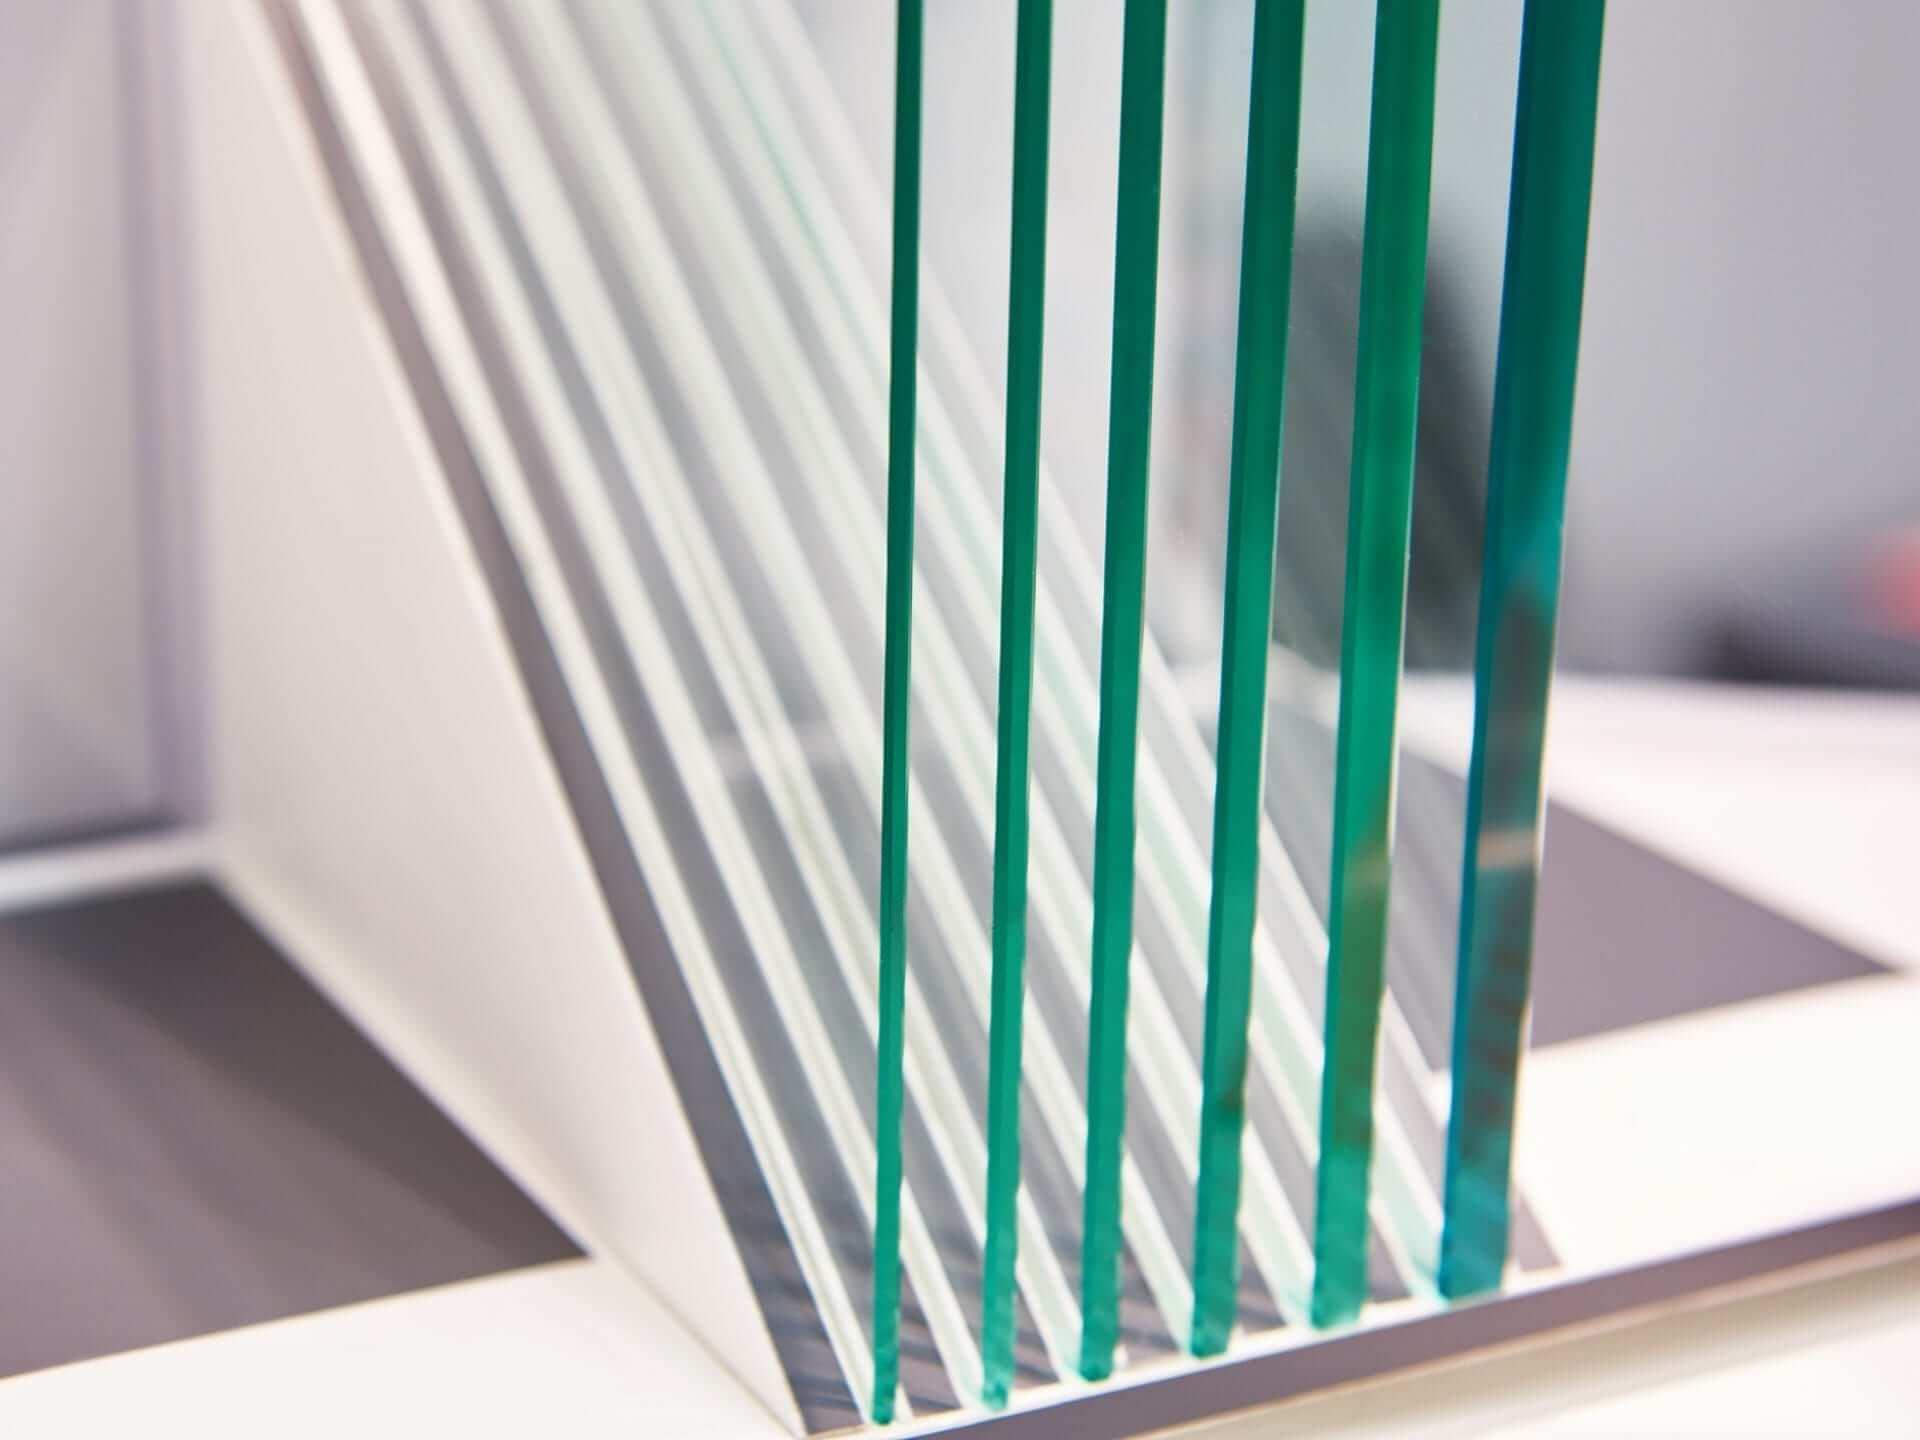 Độ dày kính tùy thuộc vào ứng dụng kết cấu